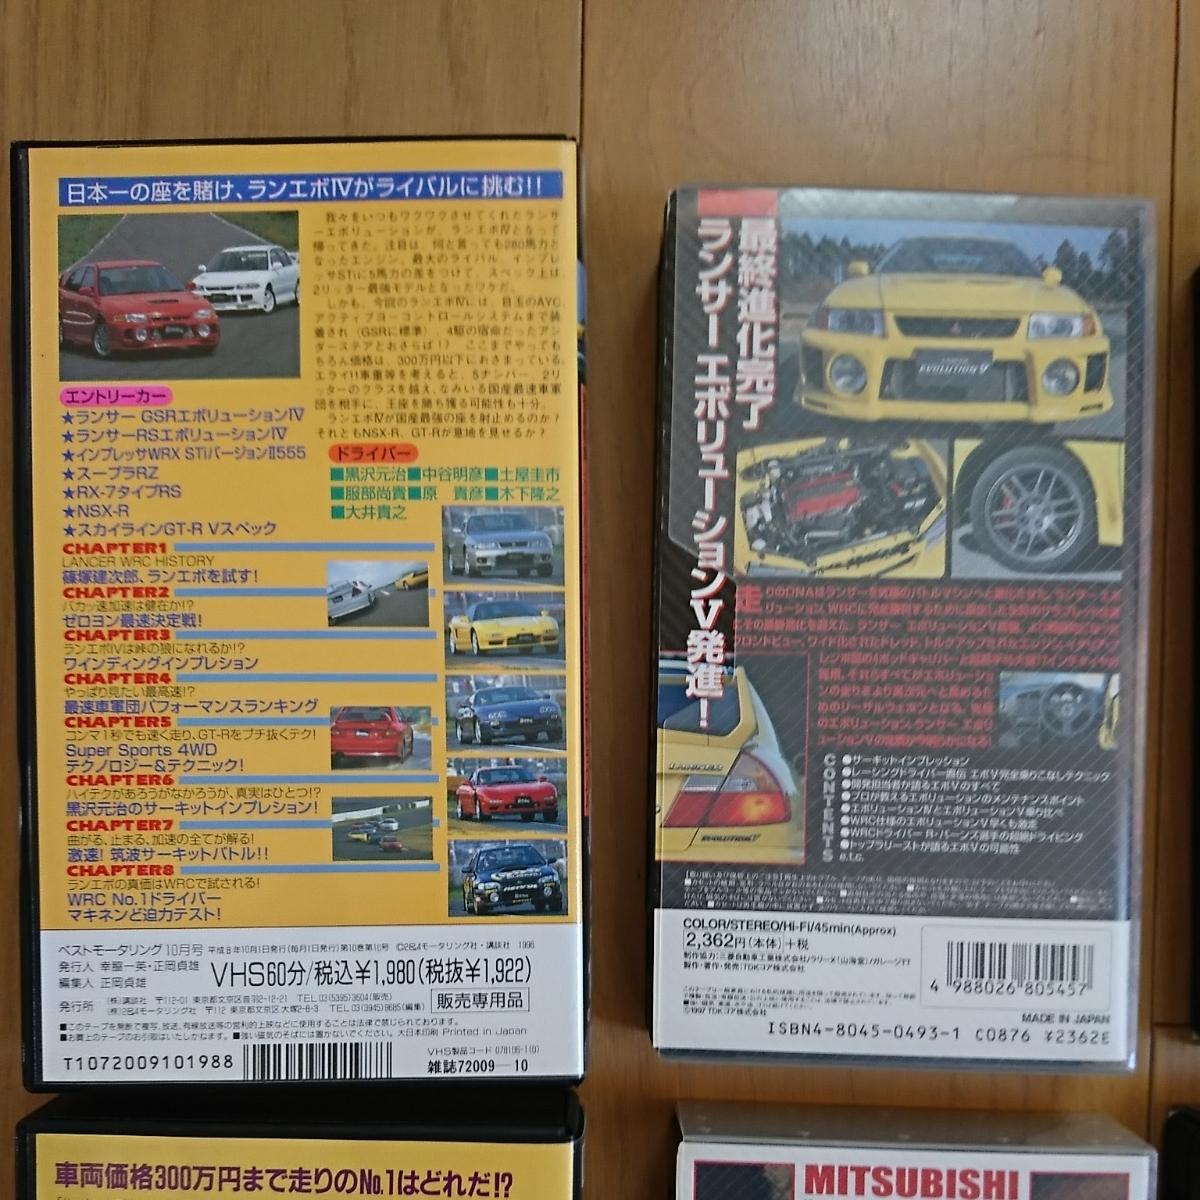 激レア!三菱 ランサーエボリューション・WRC・ラリー 関連のVHSビデオテープ8本セット_画像6